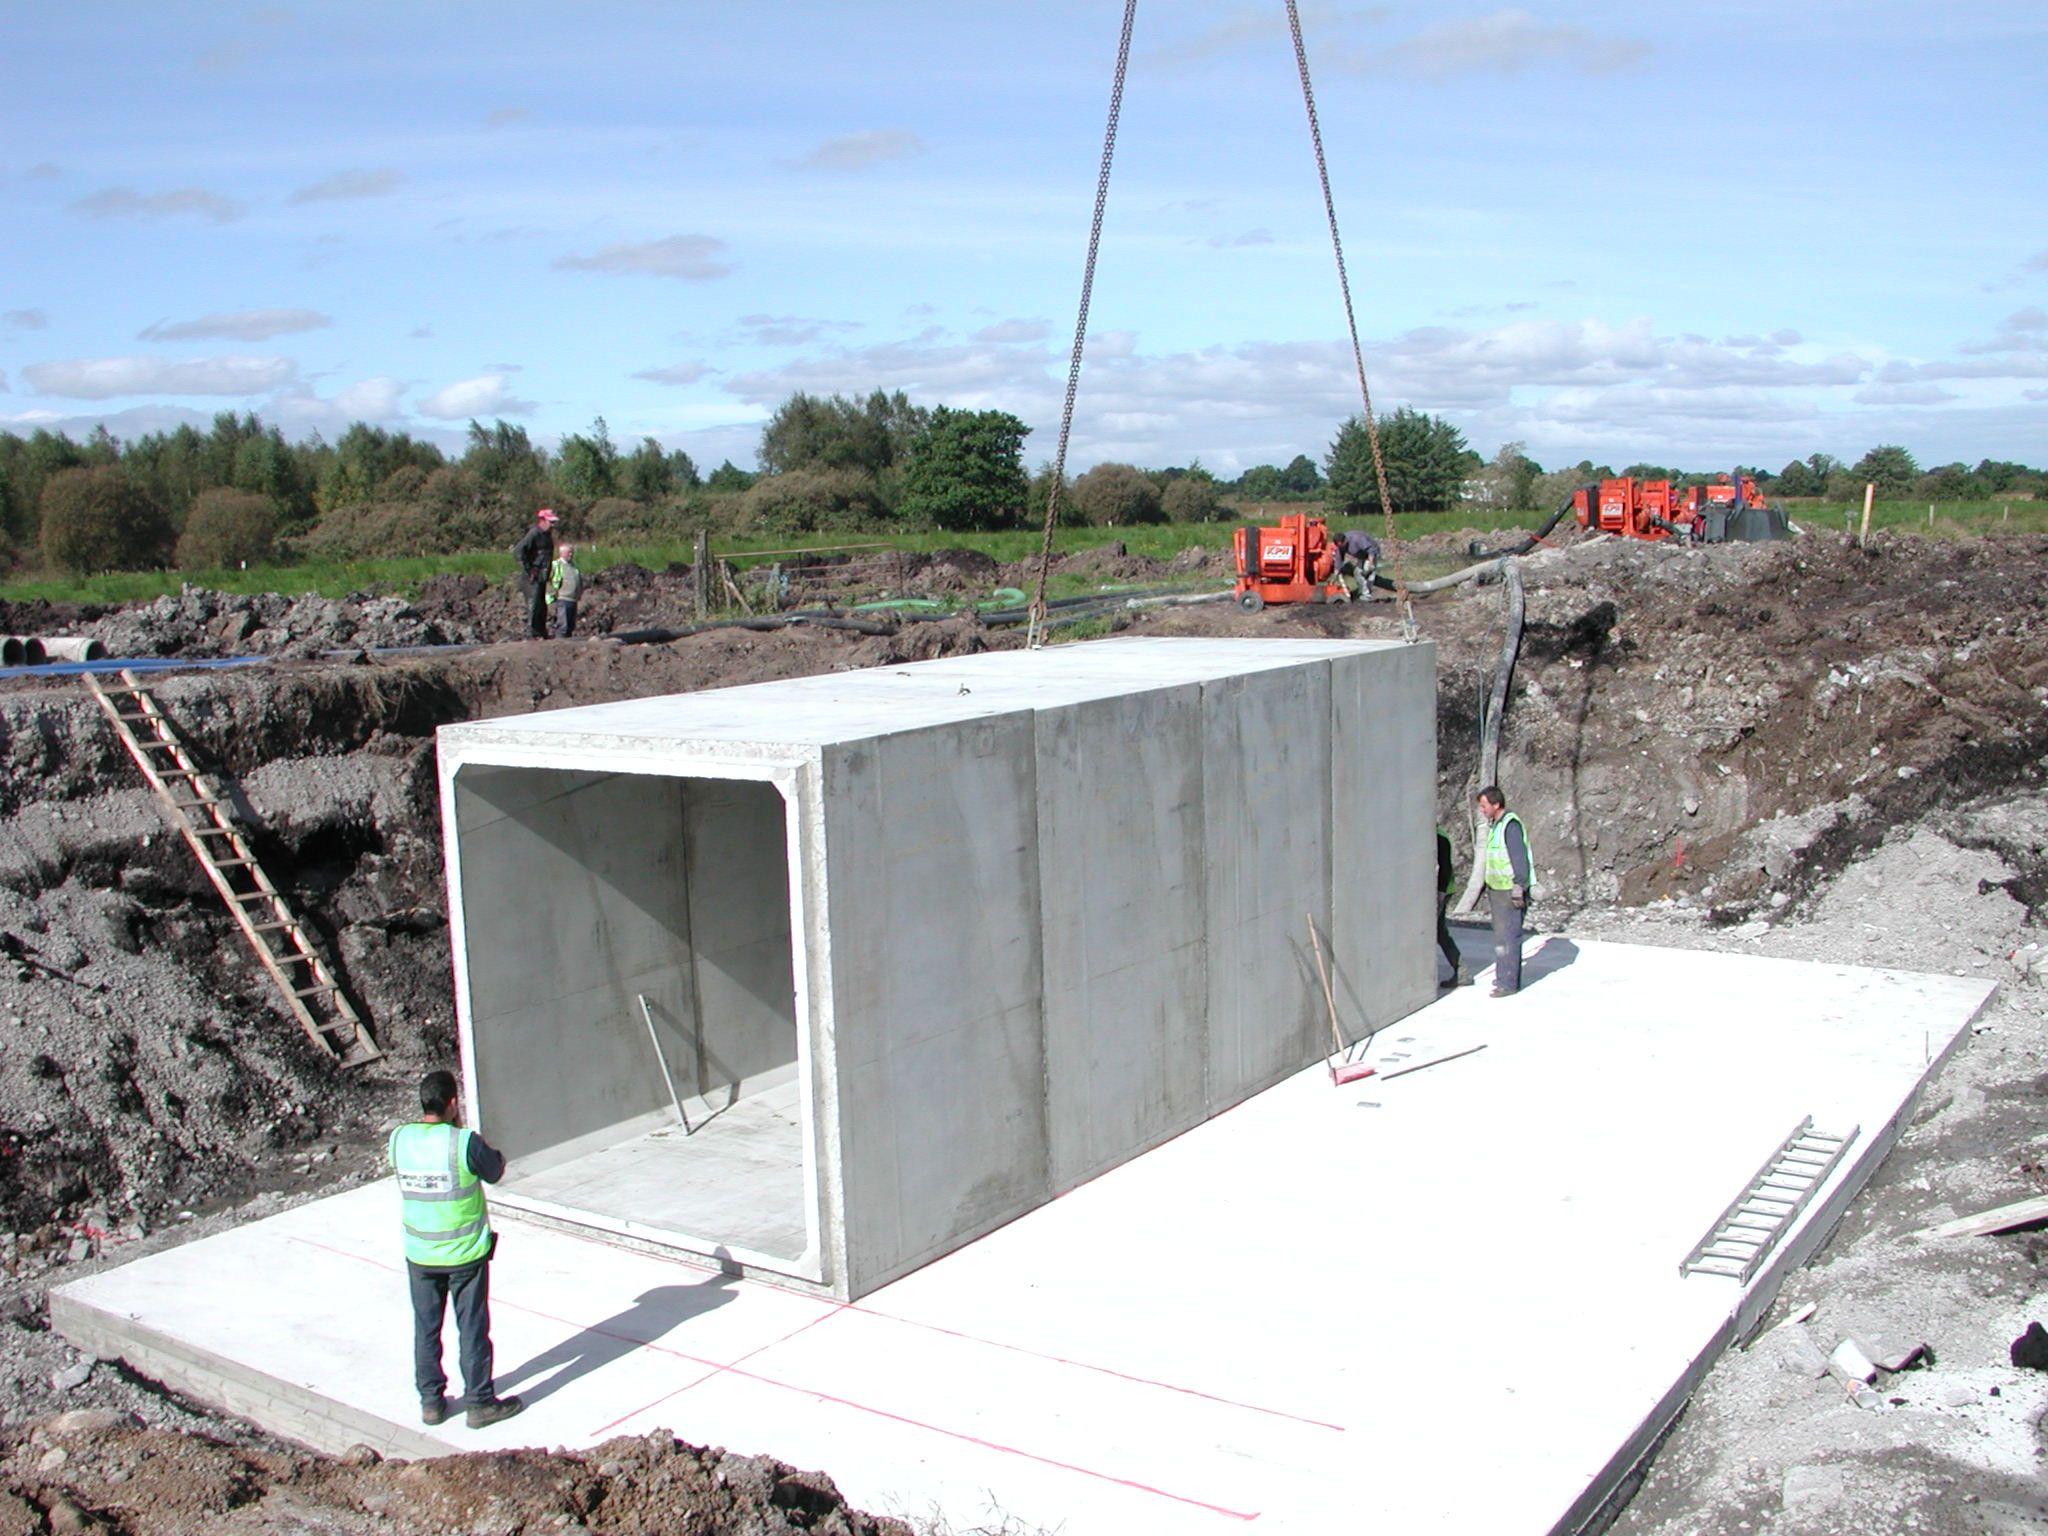 Best Kitchen Gallery: Build The Wall Using Concrete Culver Like Bricks Box Culvert of Culvert Underground Homes on rachelxblog.com